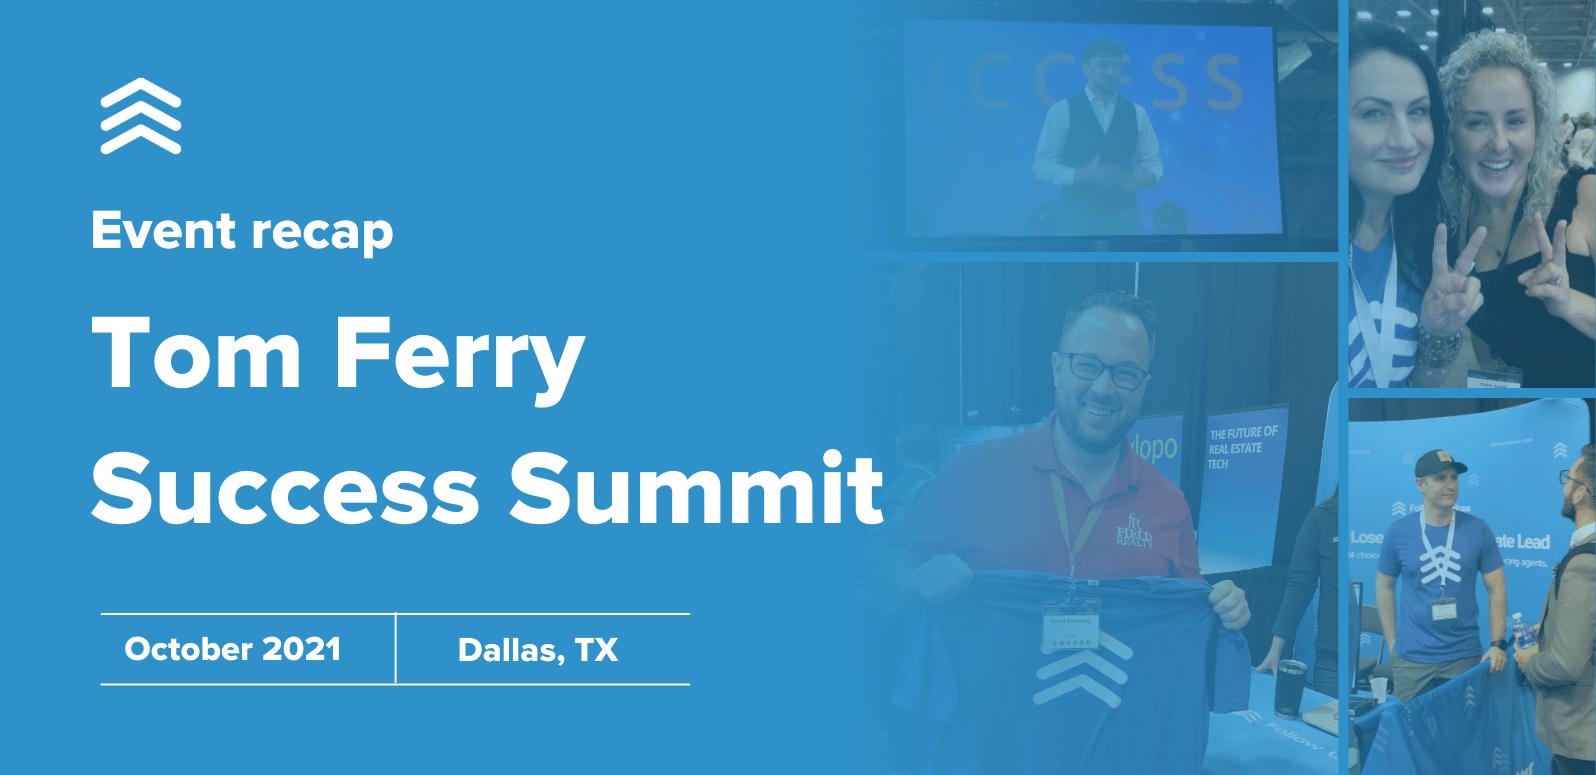 Tom Ferry Success Summit Recap 2021